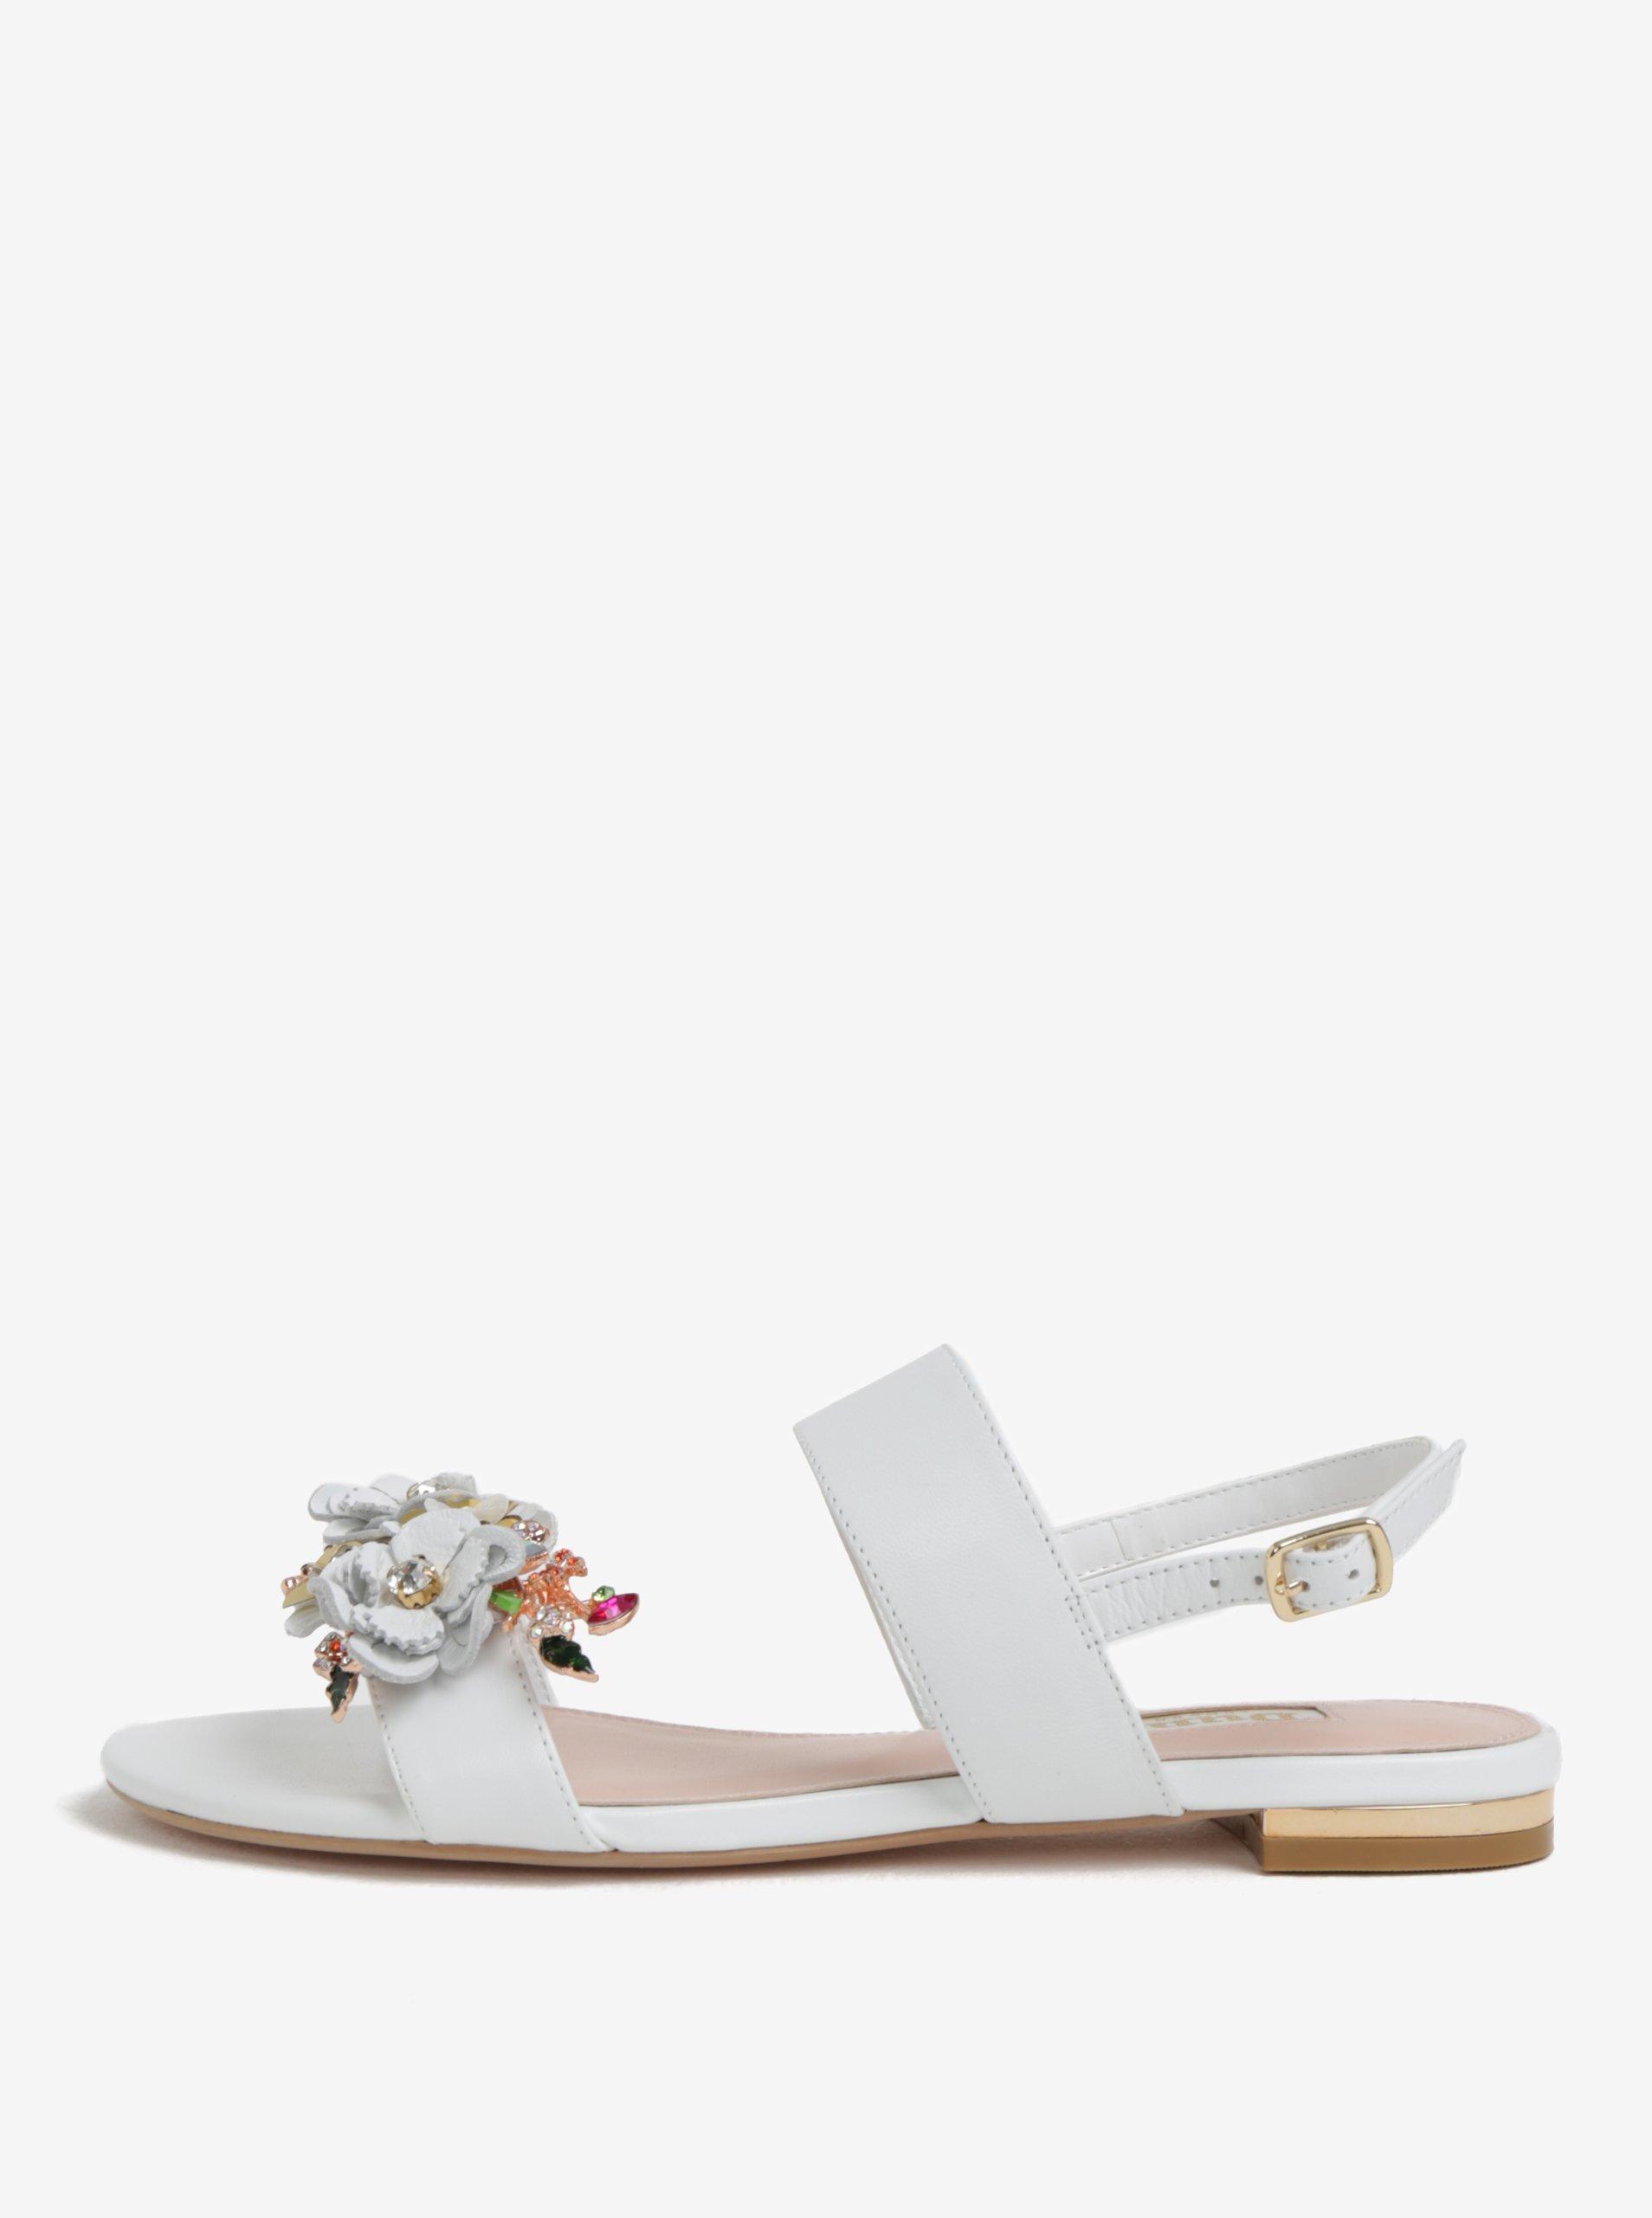 4822e96b0345 Biele kožené sandáliky s kvetinovou ozdobou Dune London Kiko